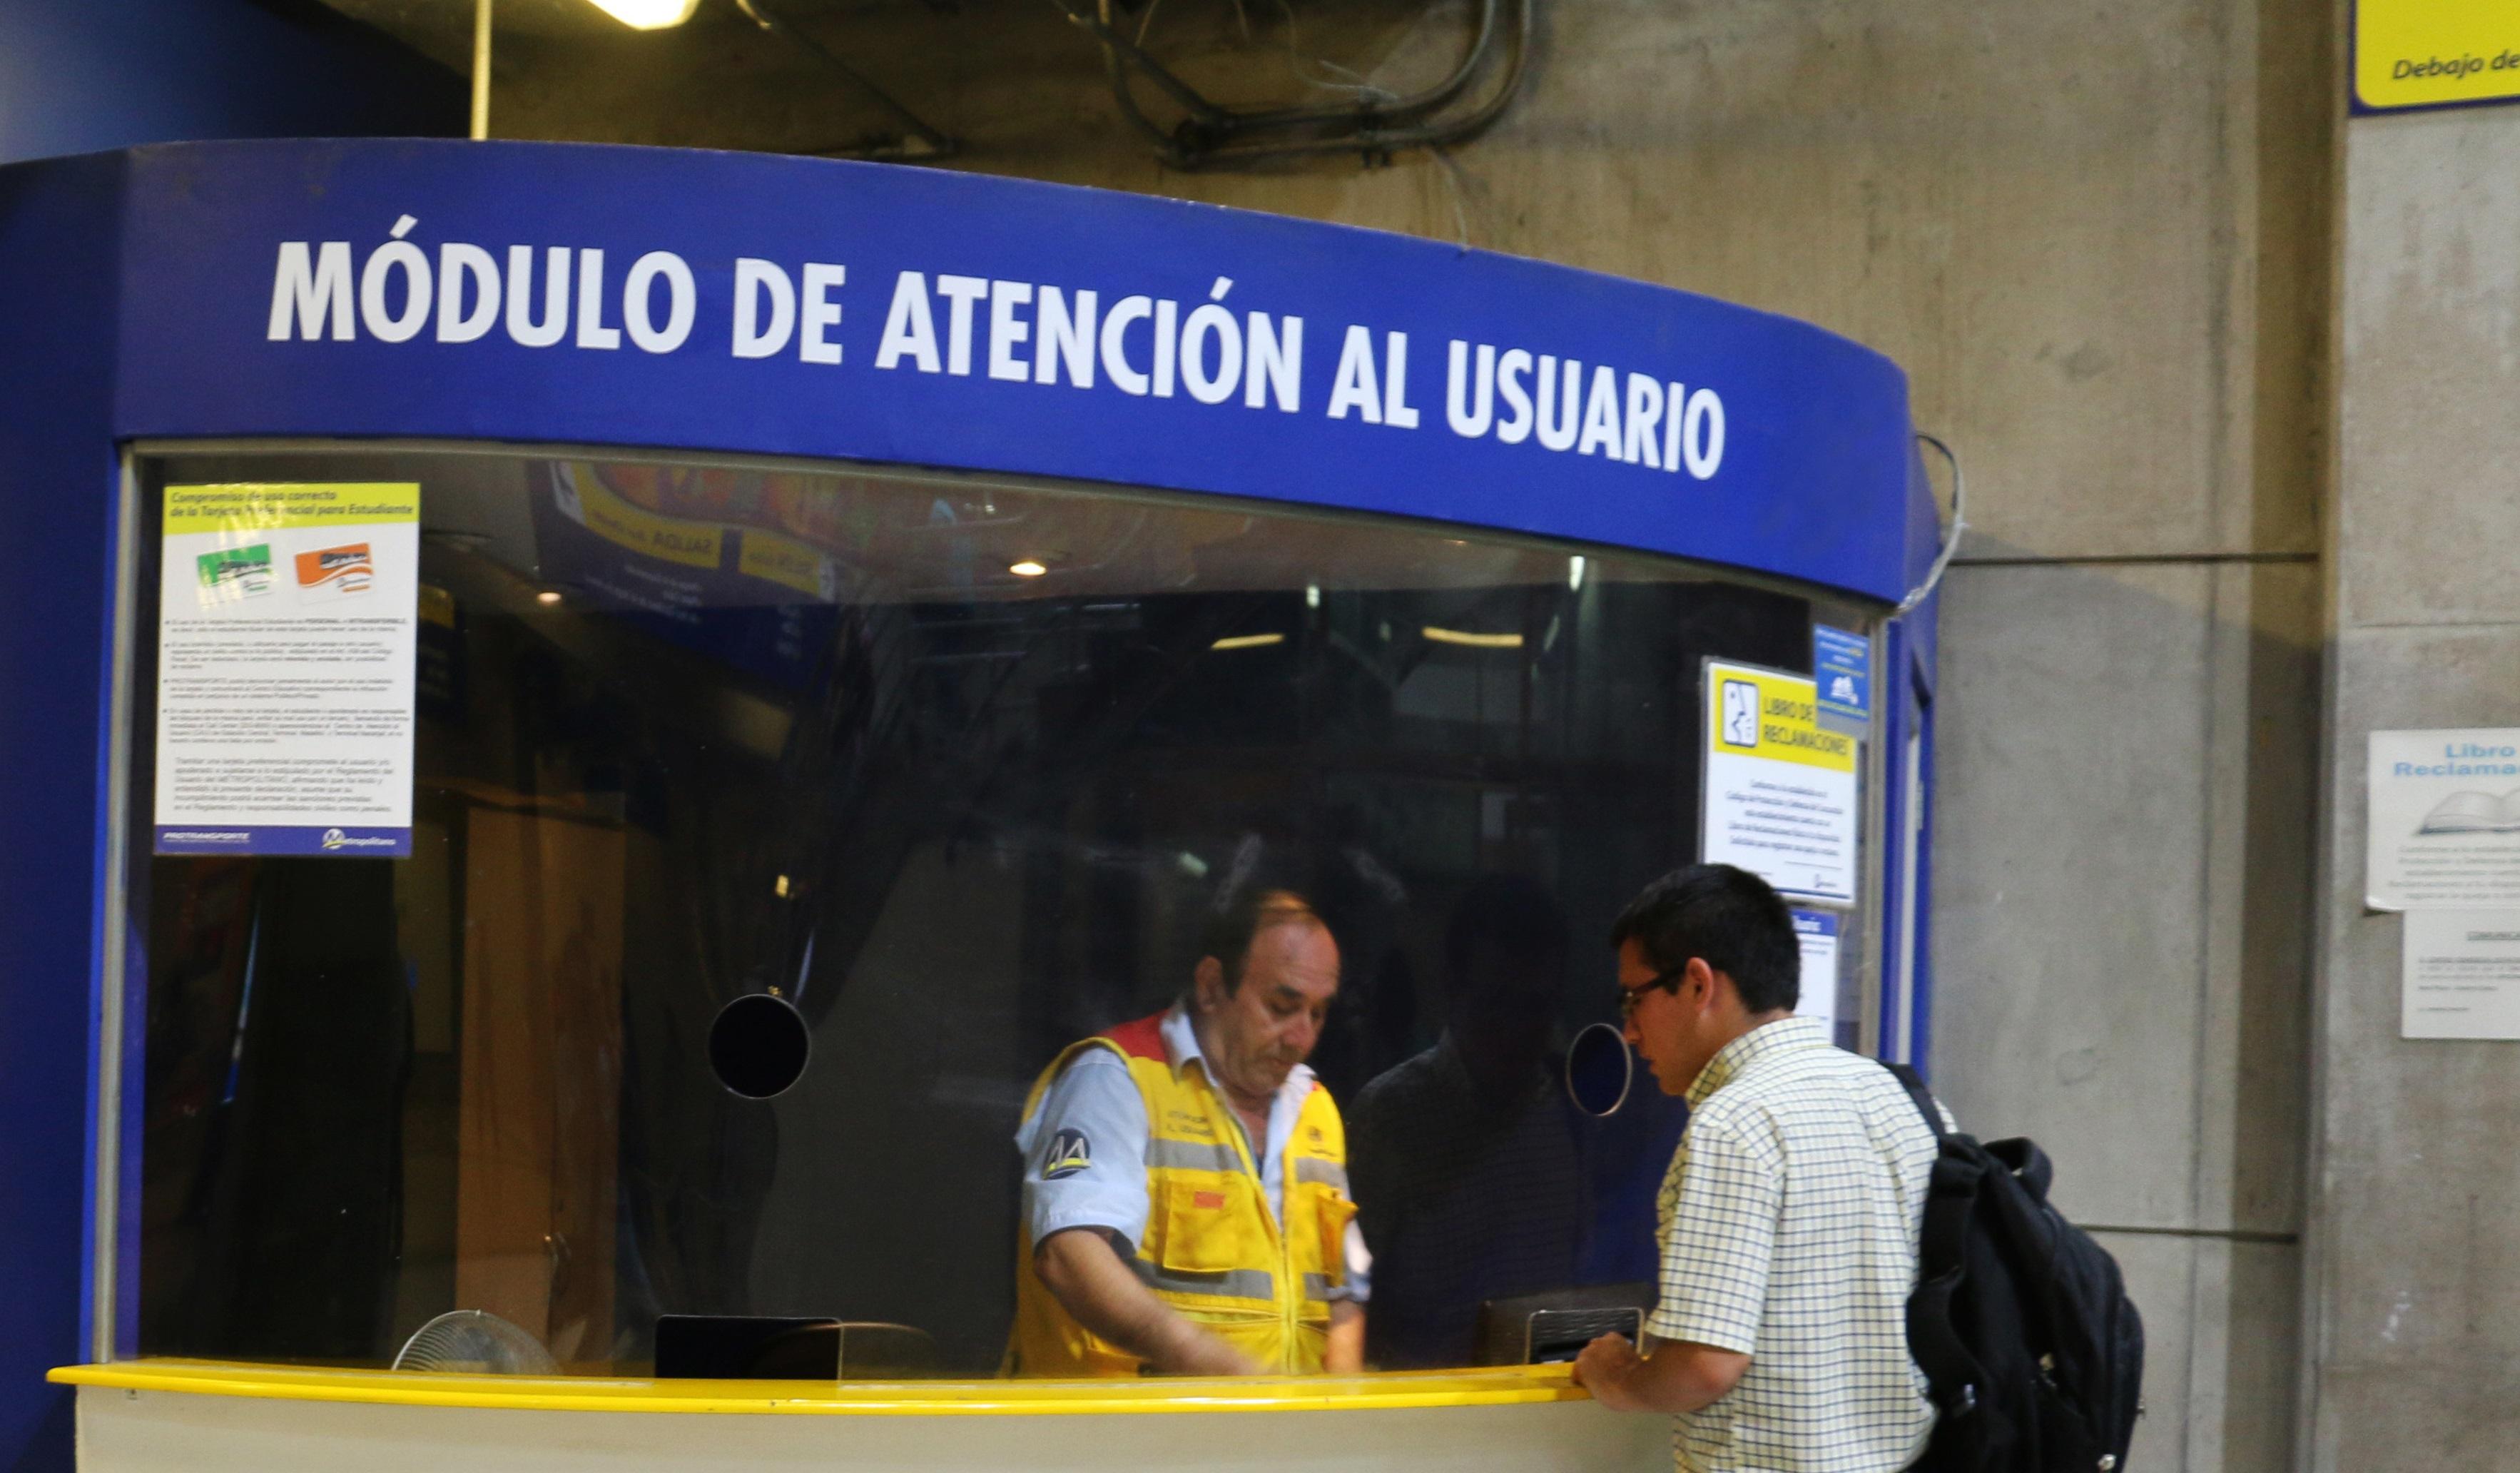 MODULO DE ATENCION AL USUARIO